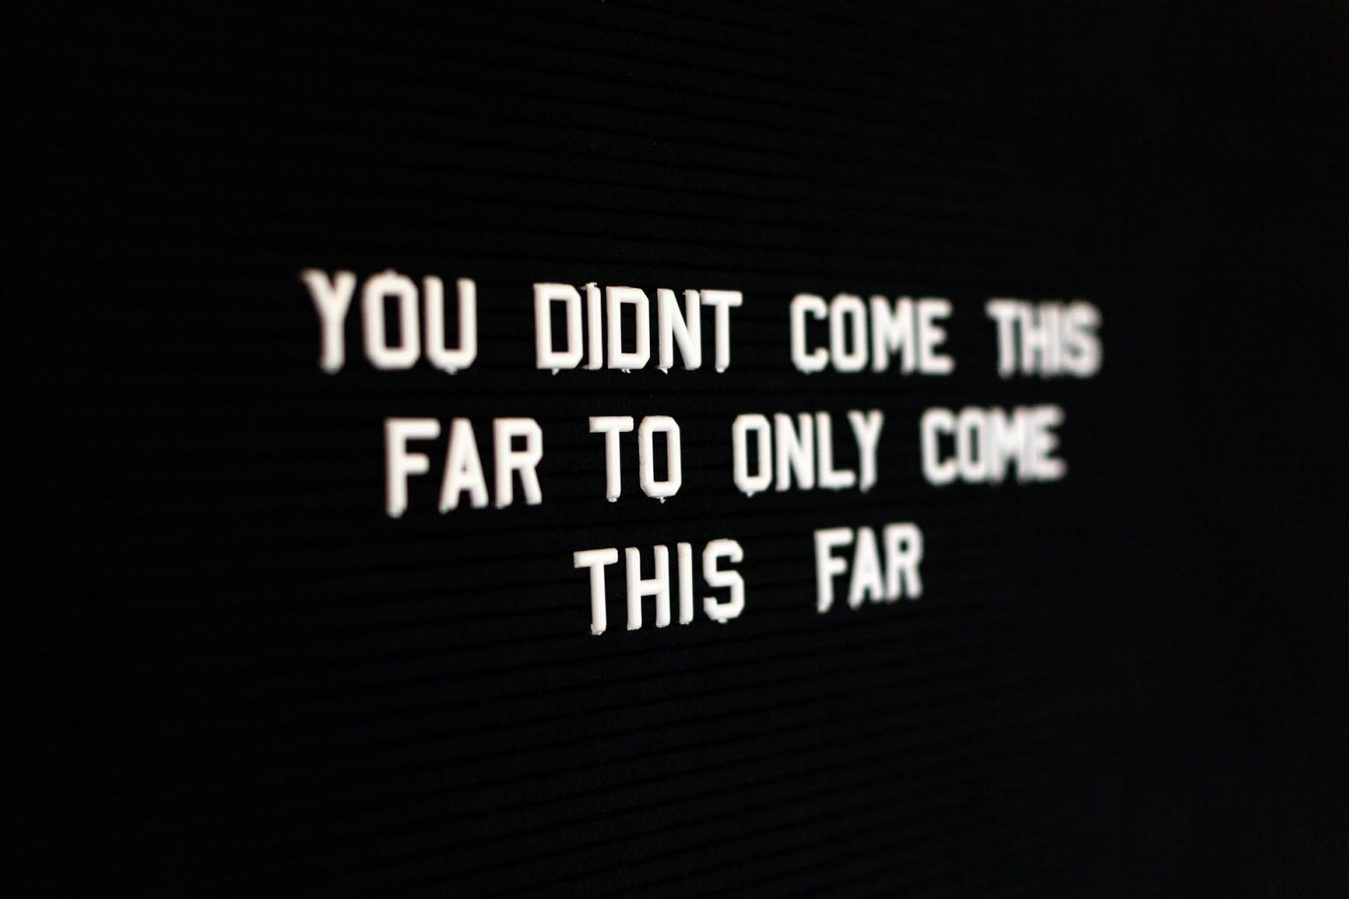 Motivational sign in black